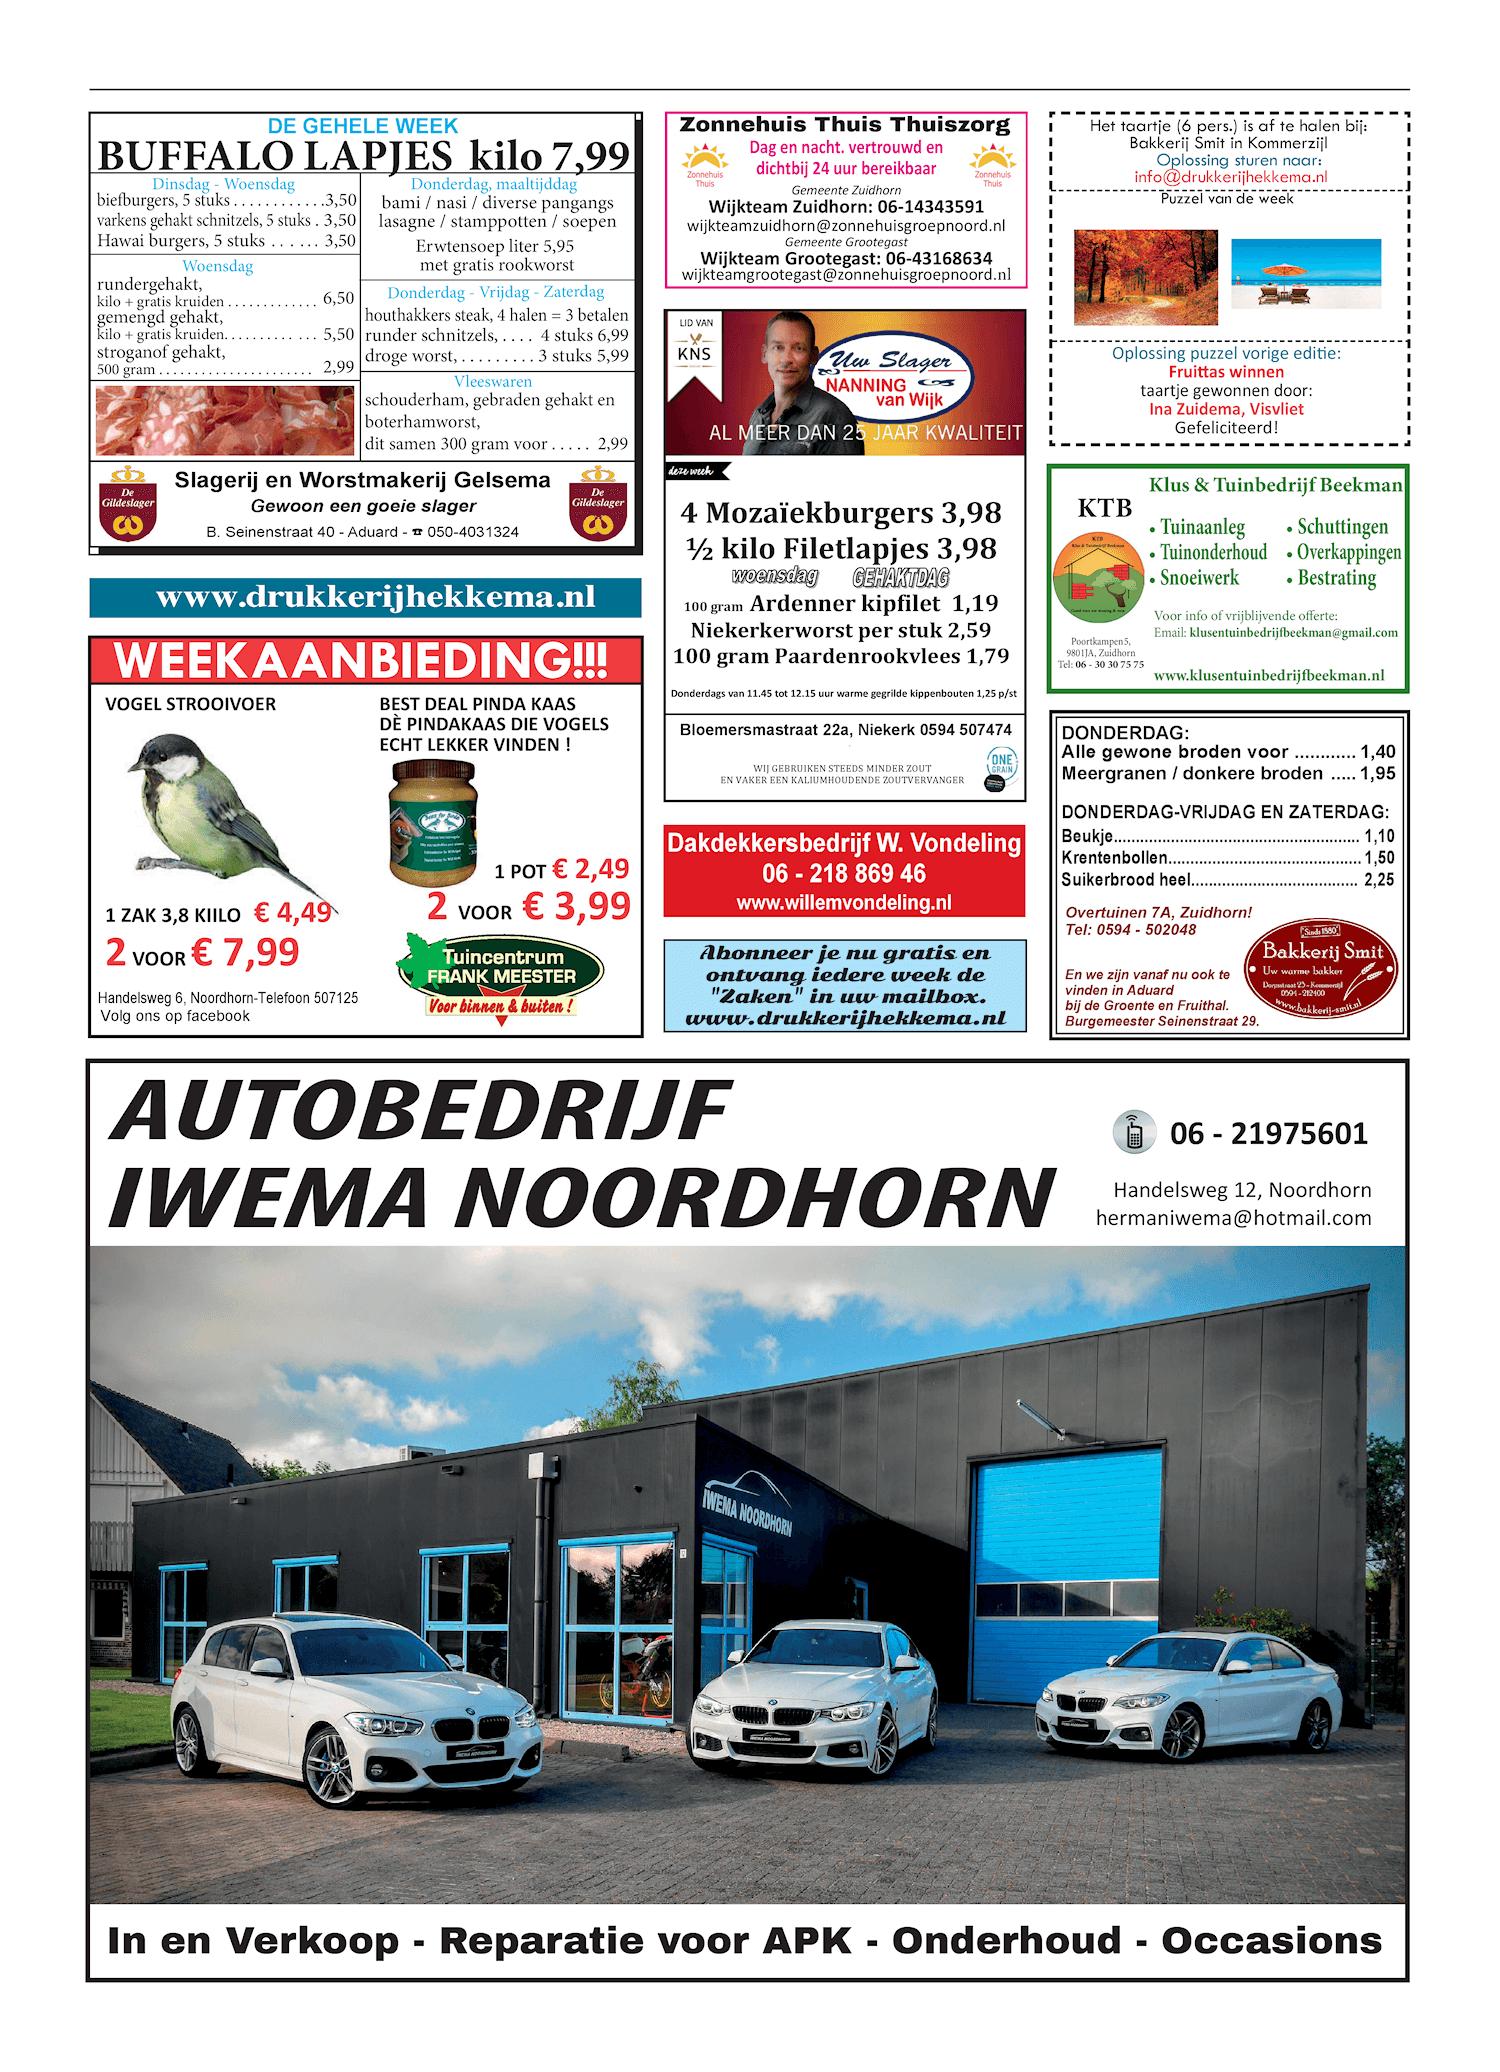 Drukkerij Hekkema - Zuidhorn - Zaken die uw aandacht vragen - 2018 week 42